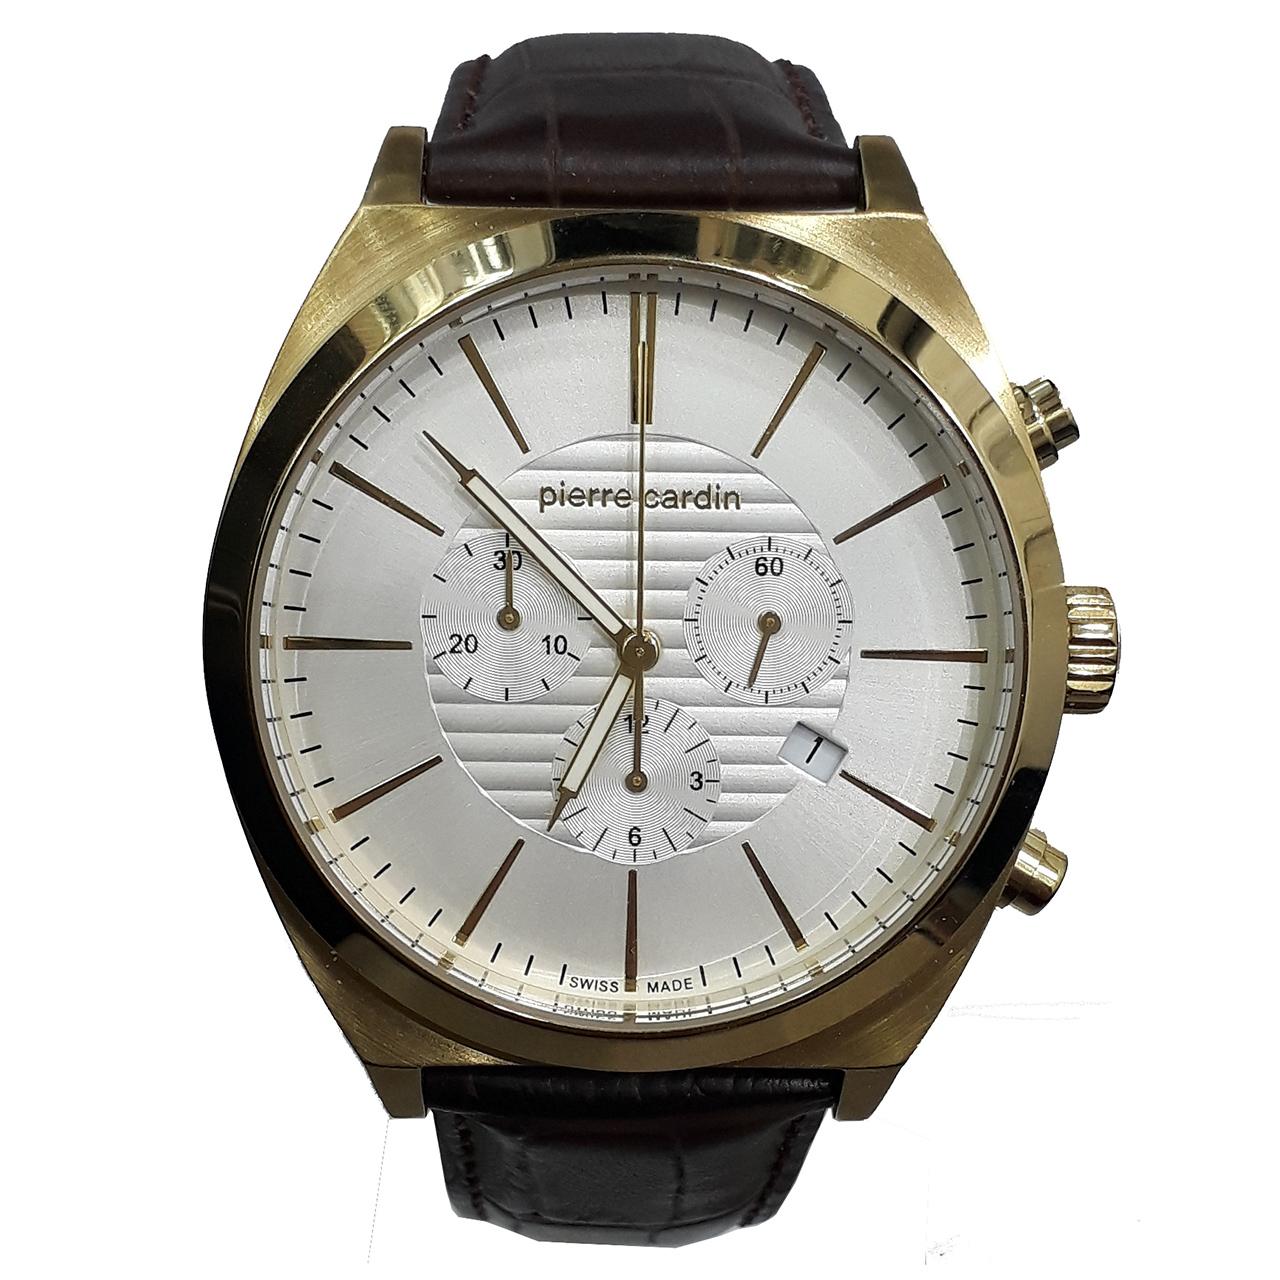 ساعت مچی عقربه ای مردانه پیر کاردین مدل PC107121S03